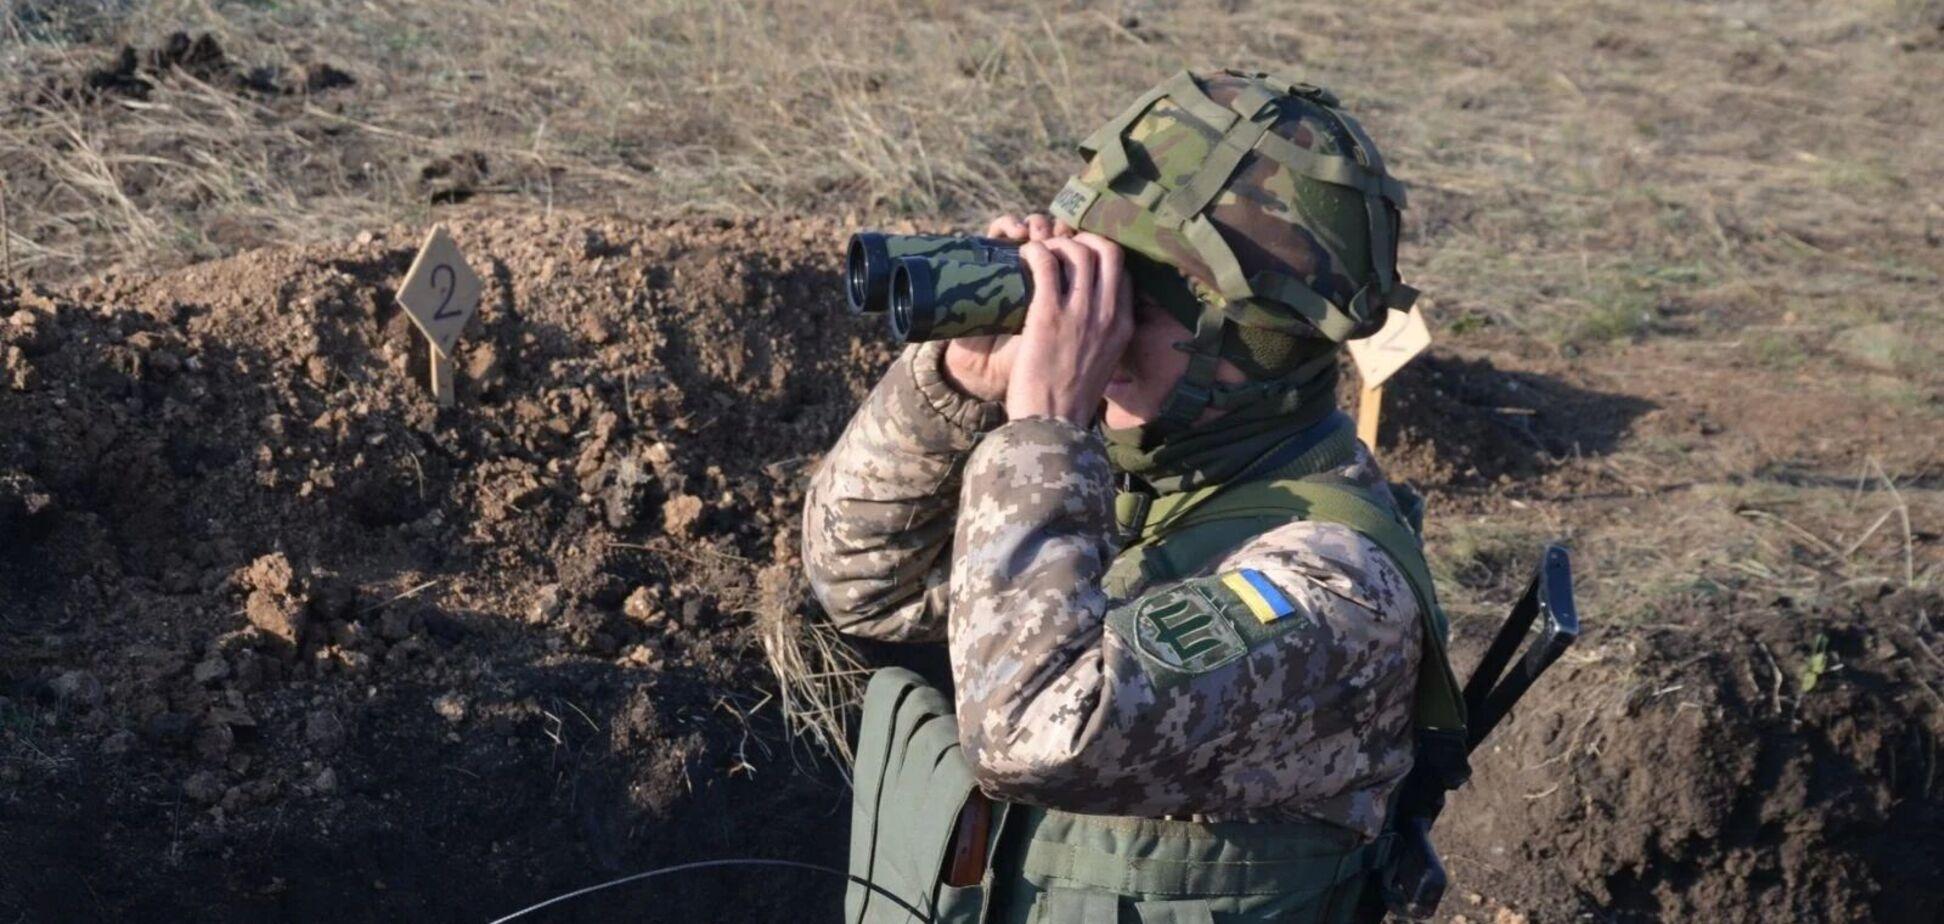 З'явилося фото пораненого бійця ЗСУ, який знешкодив окупанта на Донбасі